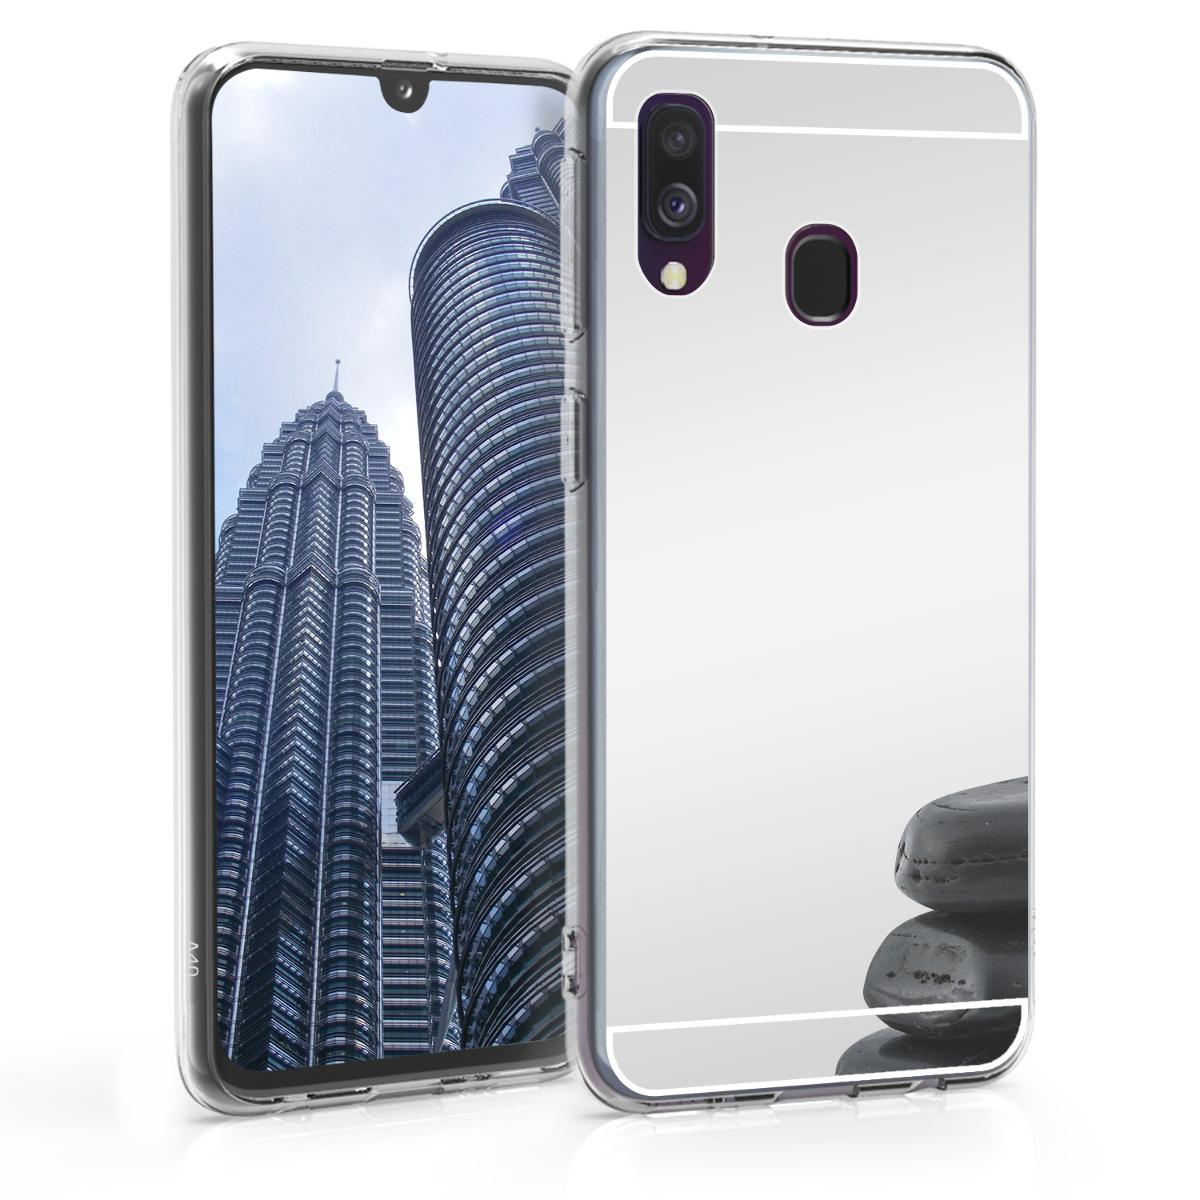 KW Θήκη Σιλικόνης με Καθρέφτη Samsung Galaxy A40 - Silver Reflective (49217.42)